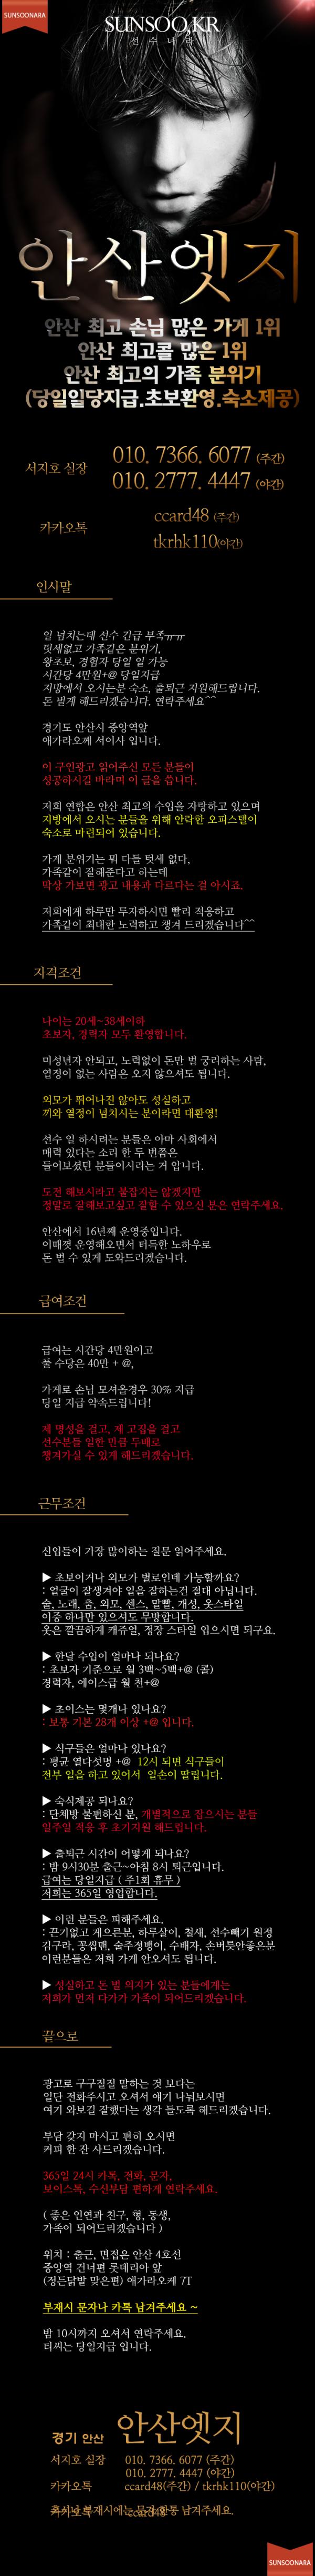 안산엣지 (신).png